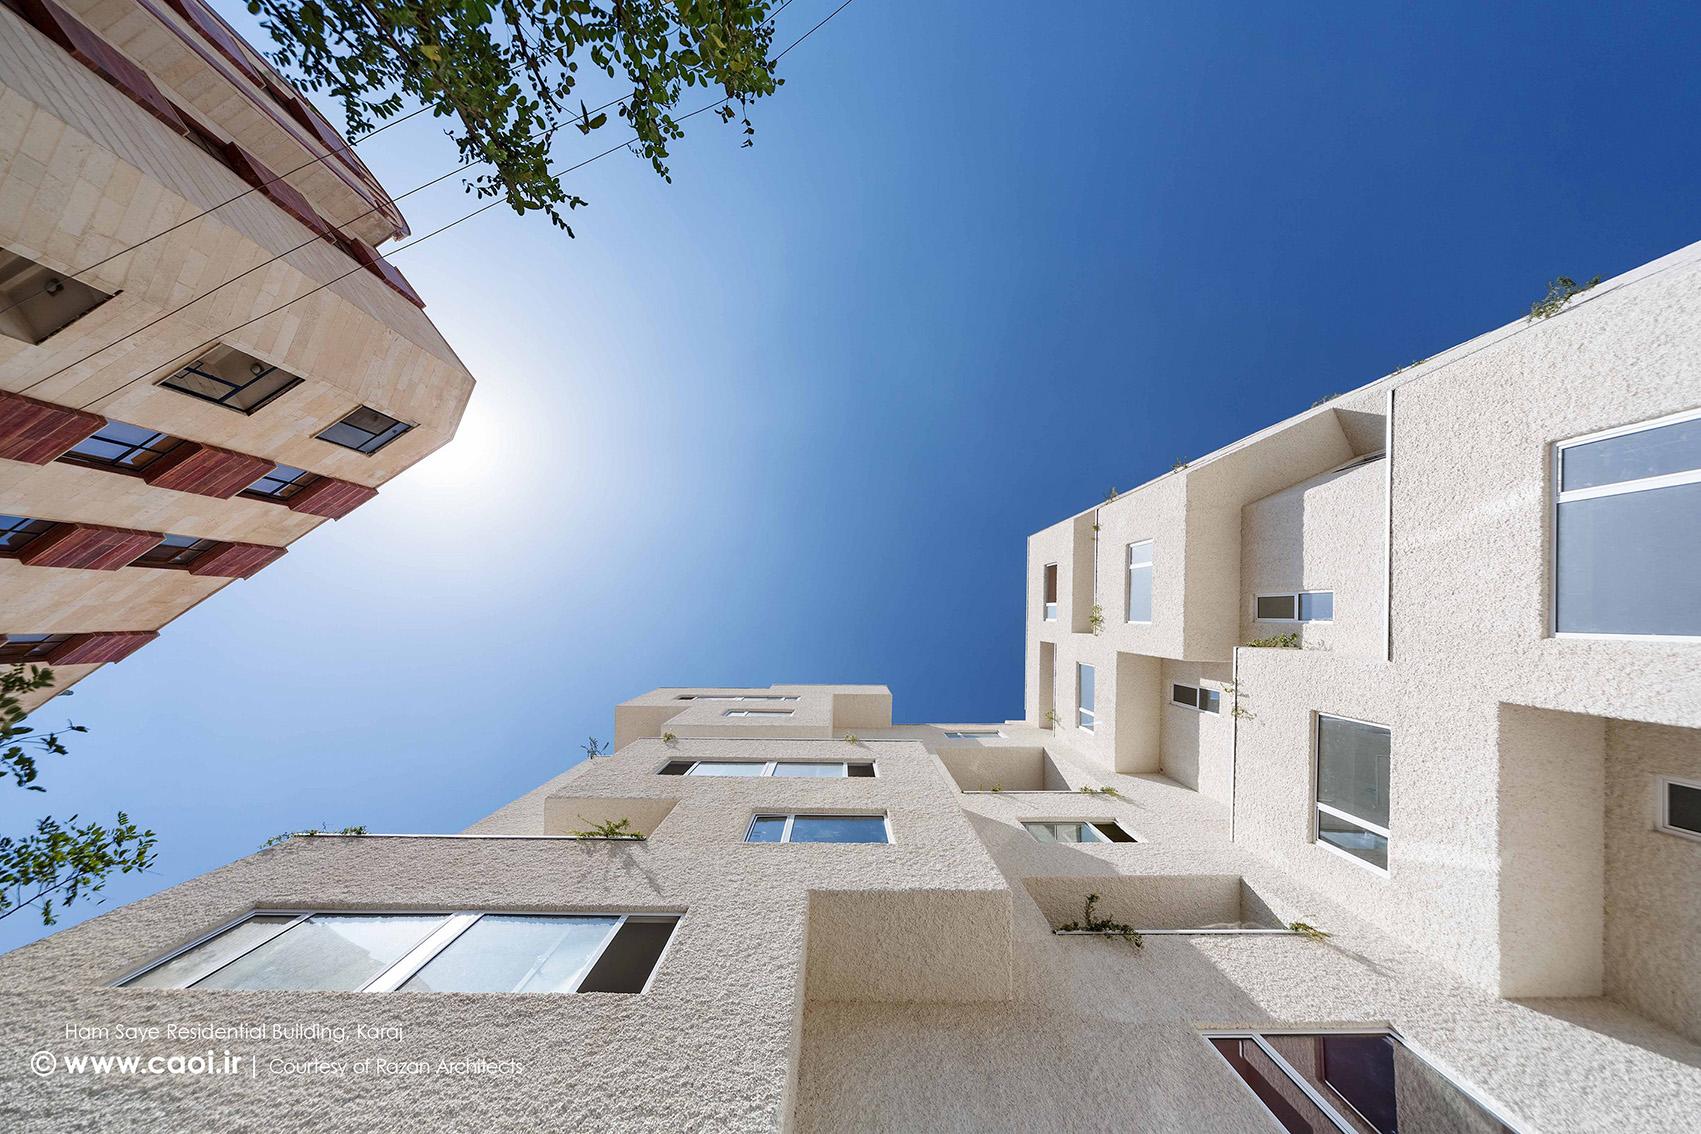 آسمان در قاب معماری,نمای ساختمان مسکونی همسایه,نمای مجتمع مسکونی,طراحی نمای مجتمع مسکونی